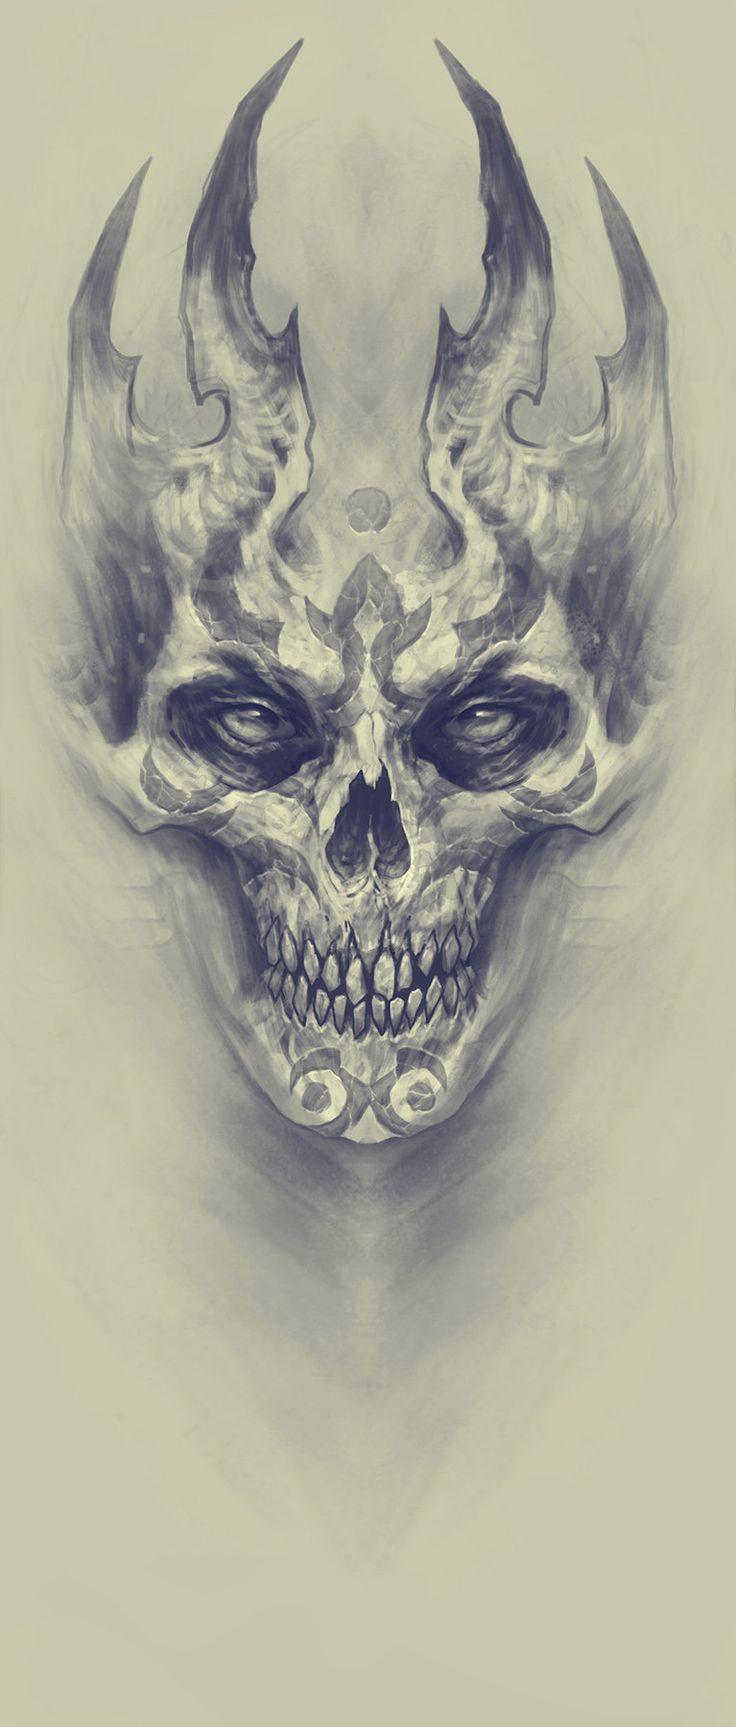 ArtStation - Demon, Kazimirov Dmitriy